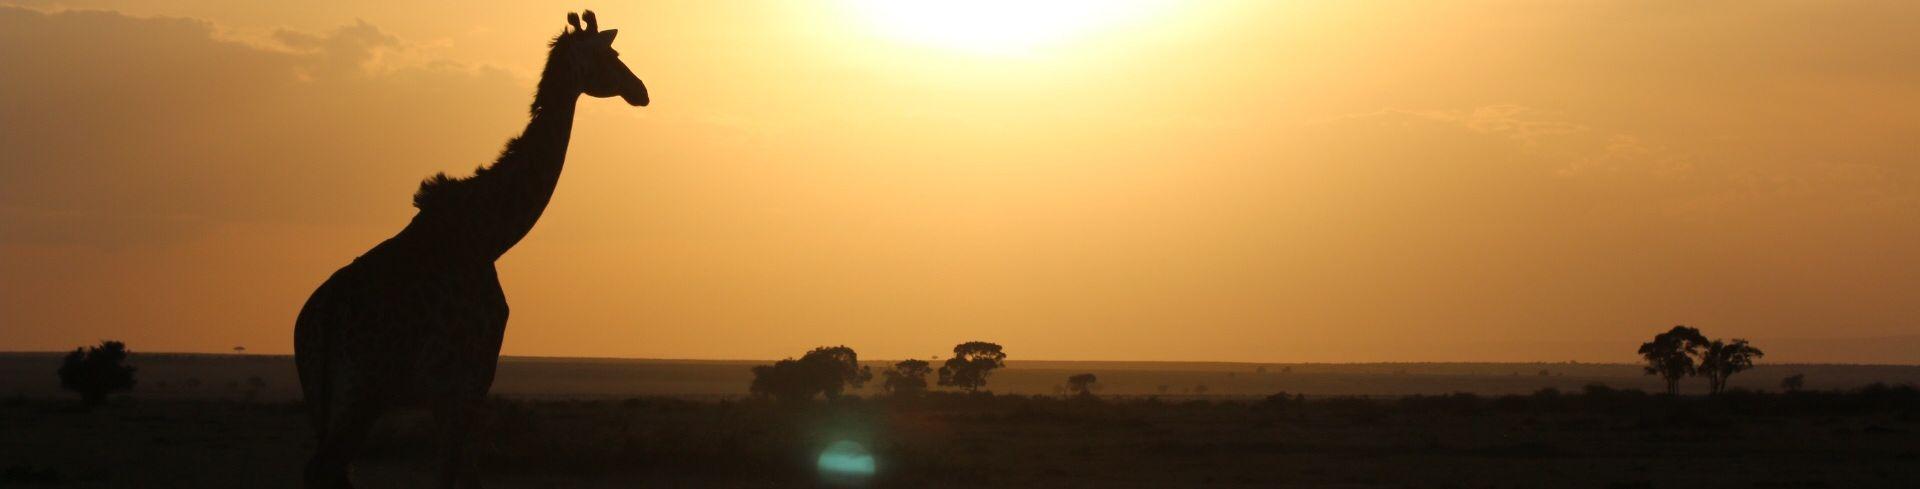 קניה בוקר במסאי מרה - אגדה אפריקאית